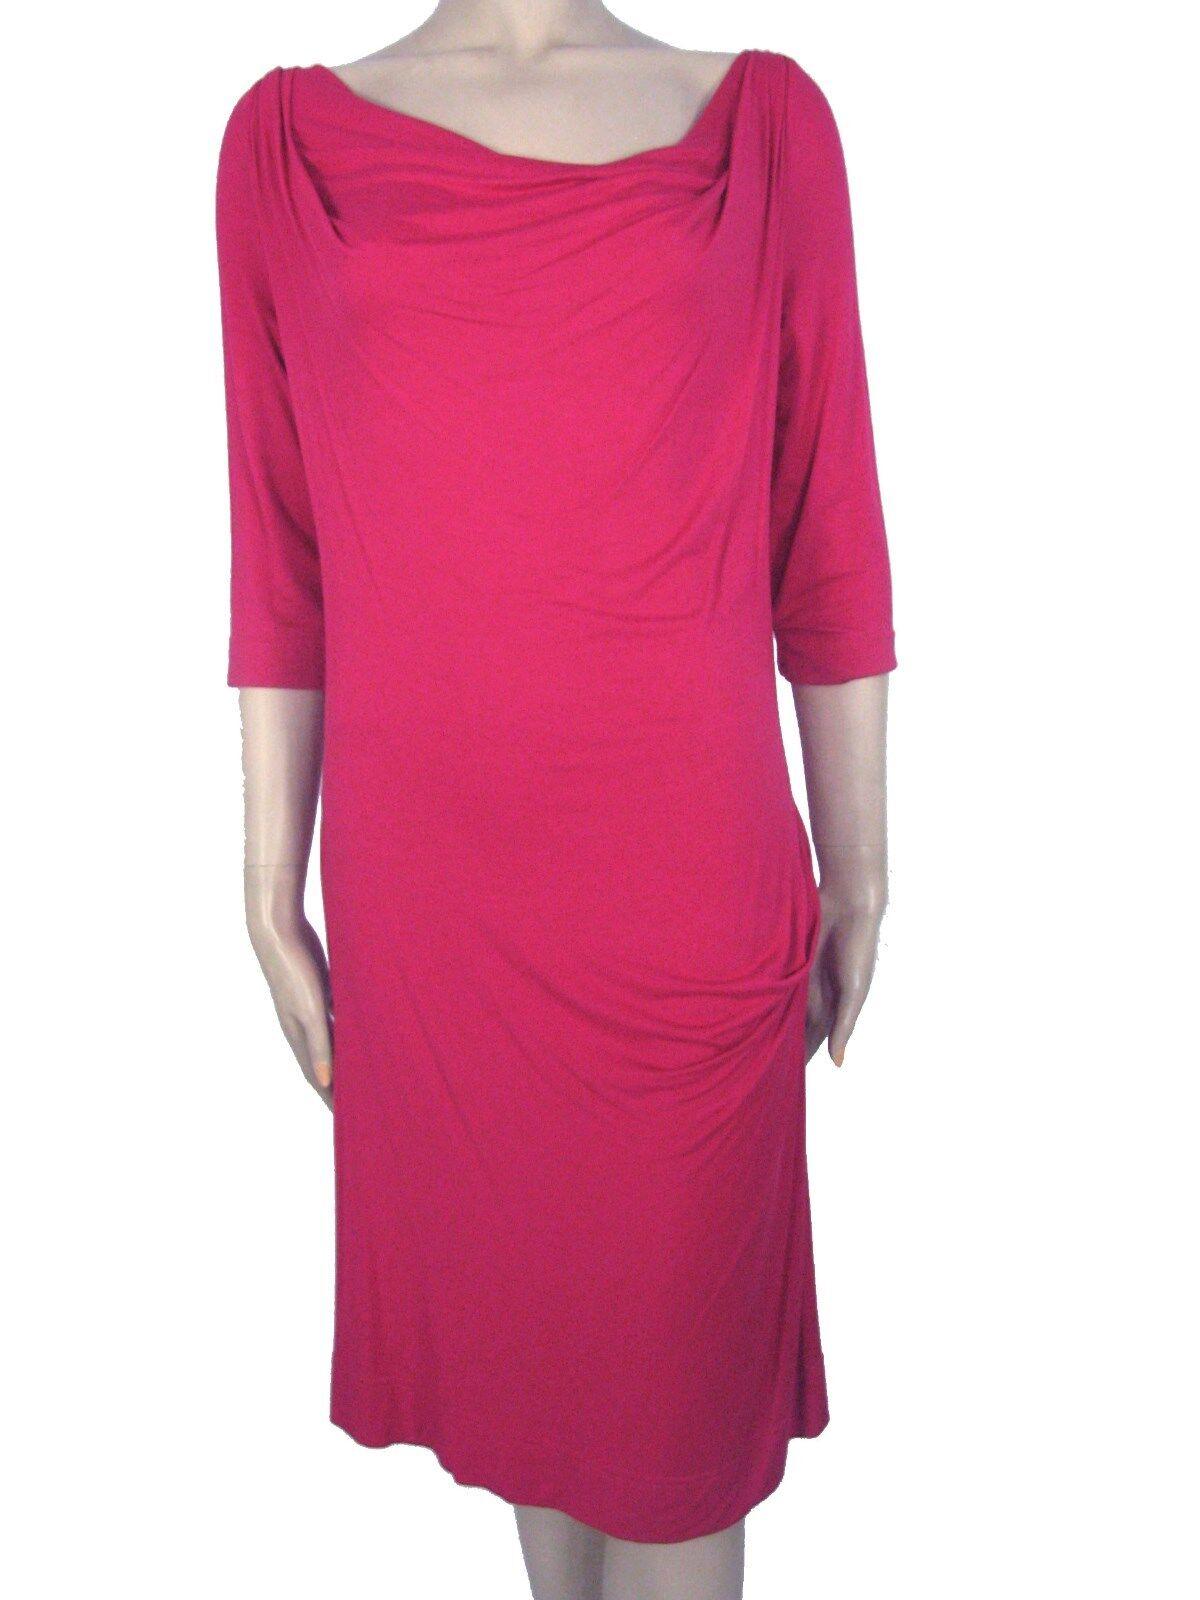 Nuevo con etiquetas VIVIENNE WESTWOOD Anglomania Rojo Vestido  Talla XXL Italia  punto de venta